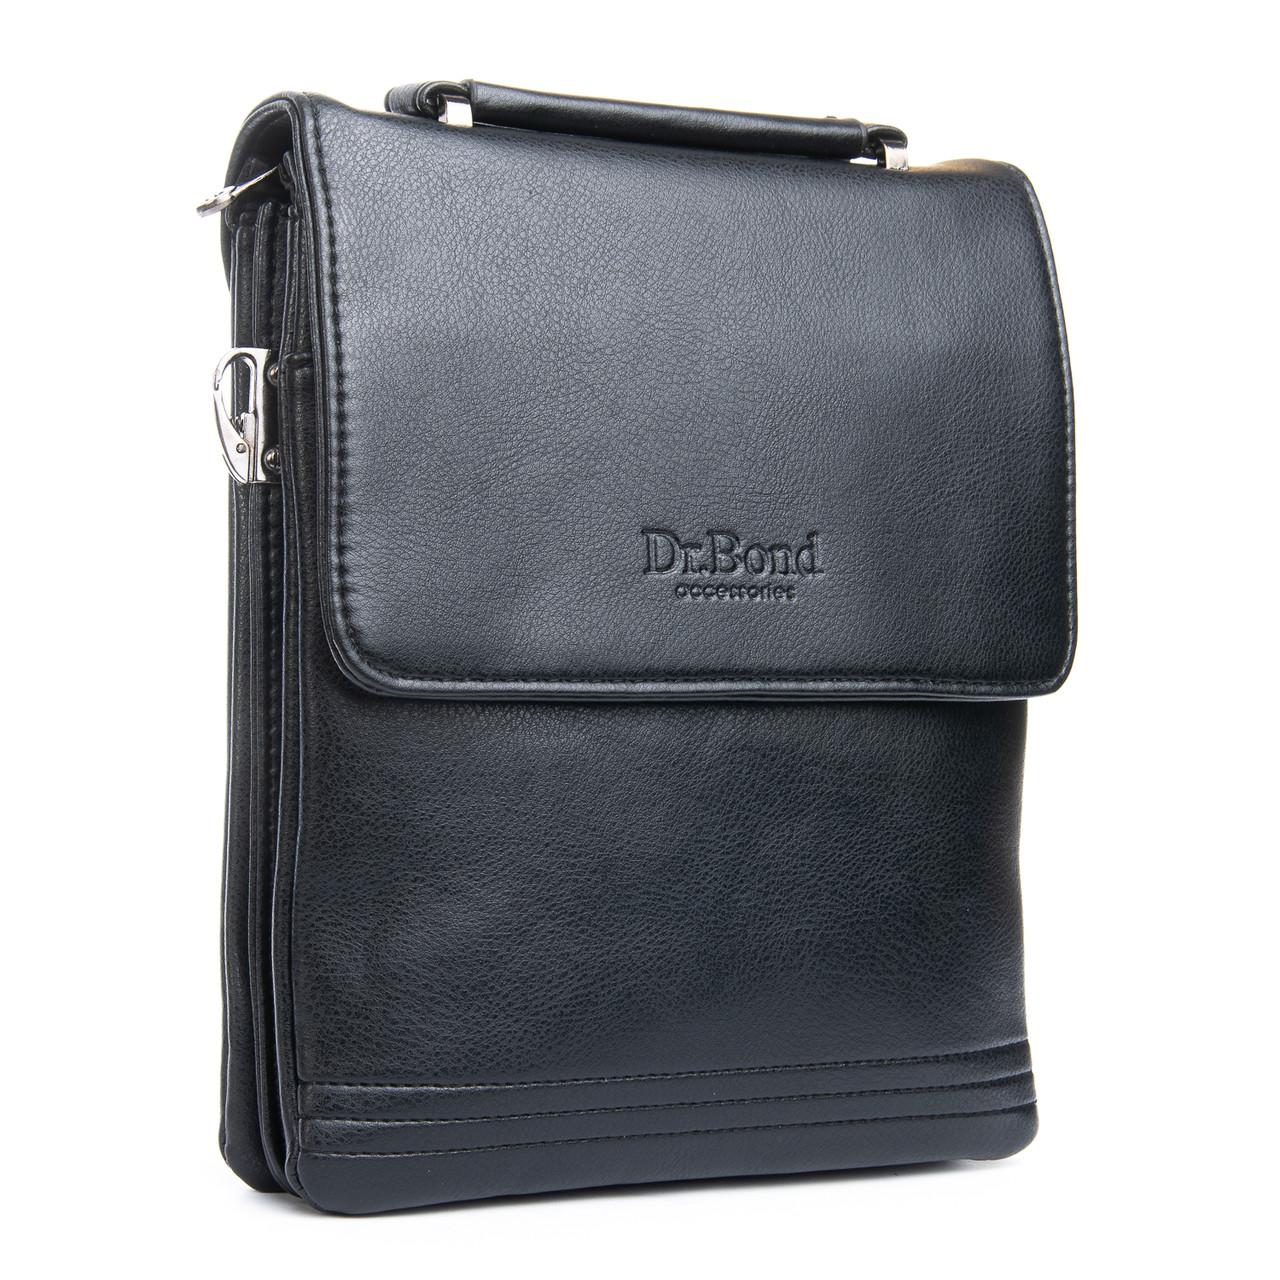 Чоловіча сумка Планшет Dr.Bond 21 x 25 x 5см Чорний (db319-3)